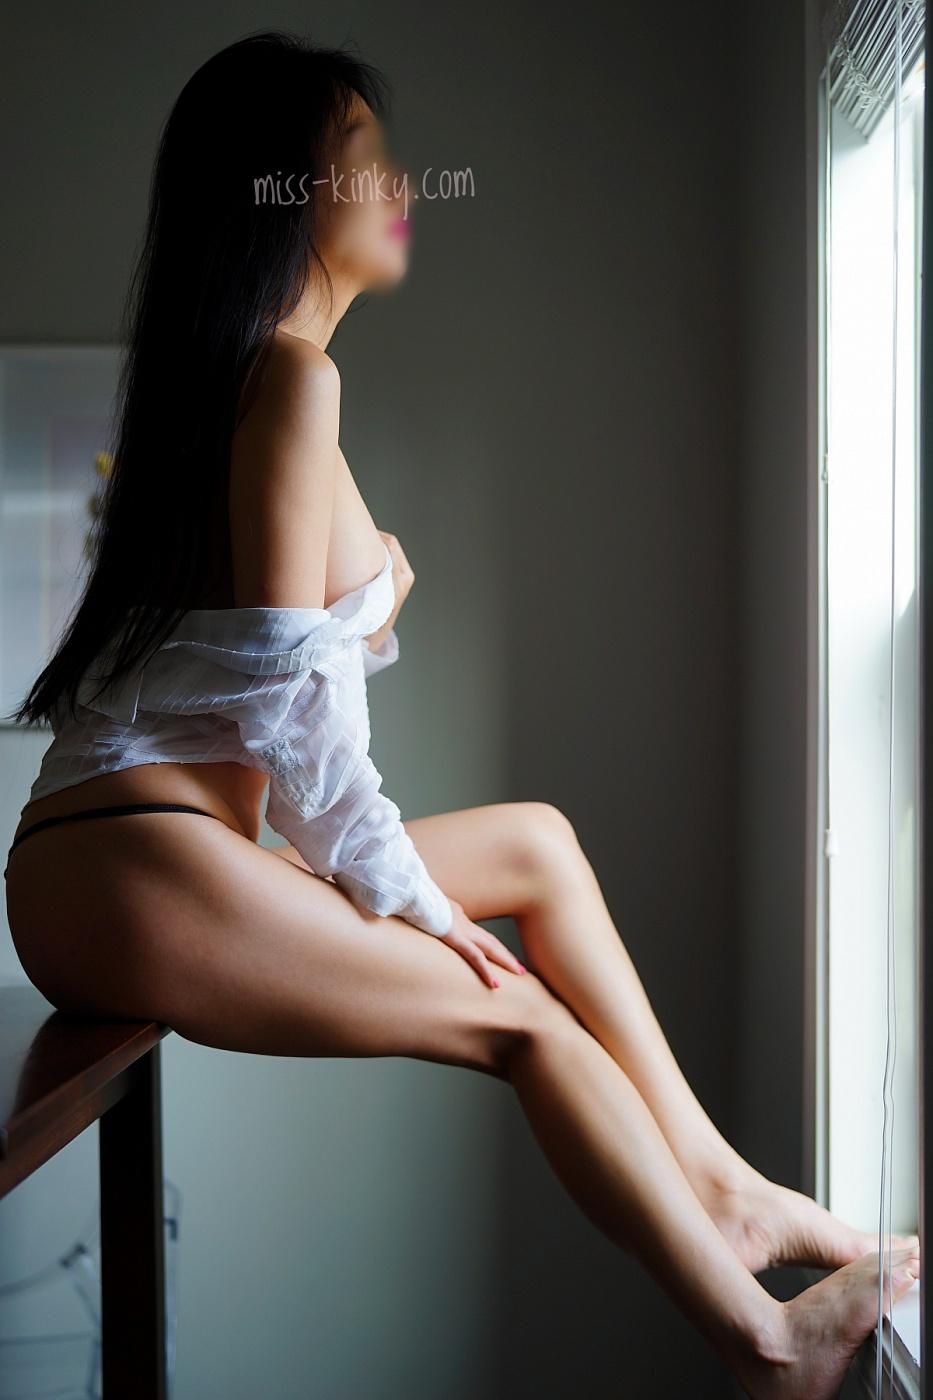 Miss Kinky